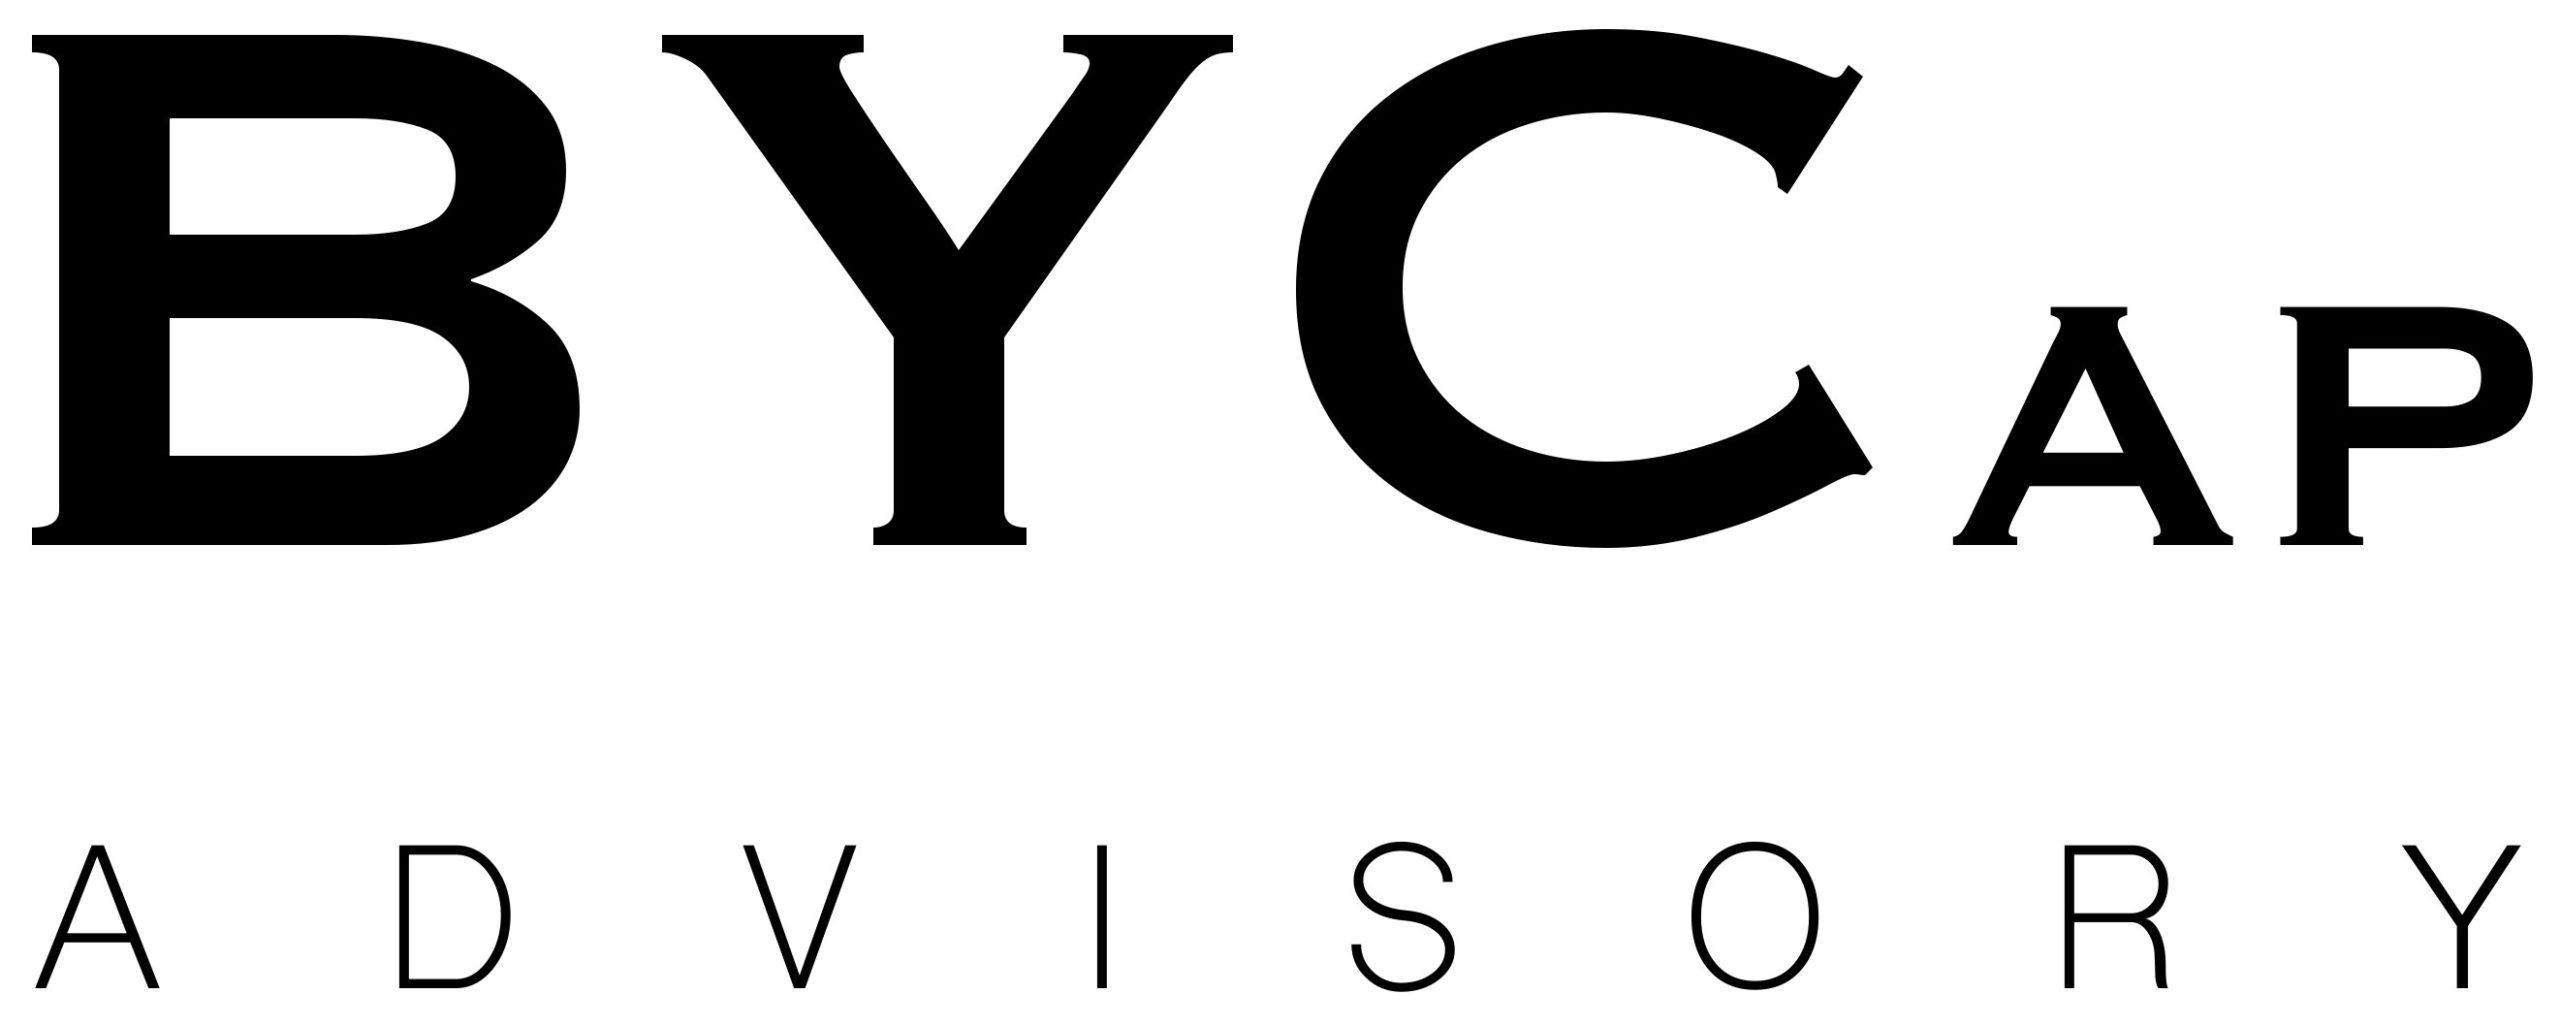 logo bycap advisory